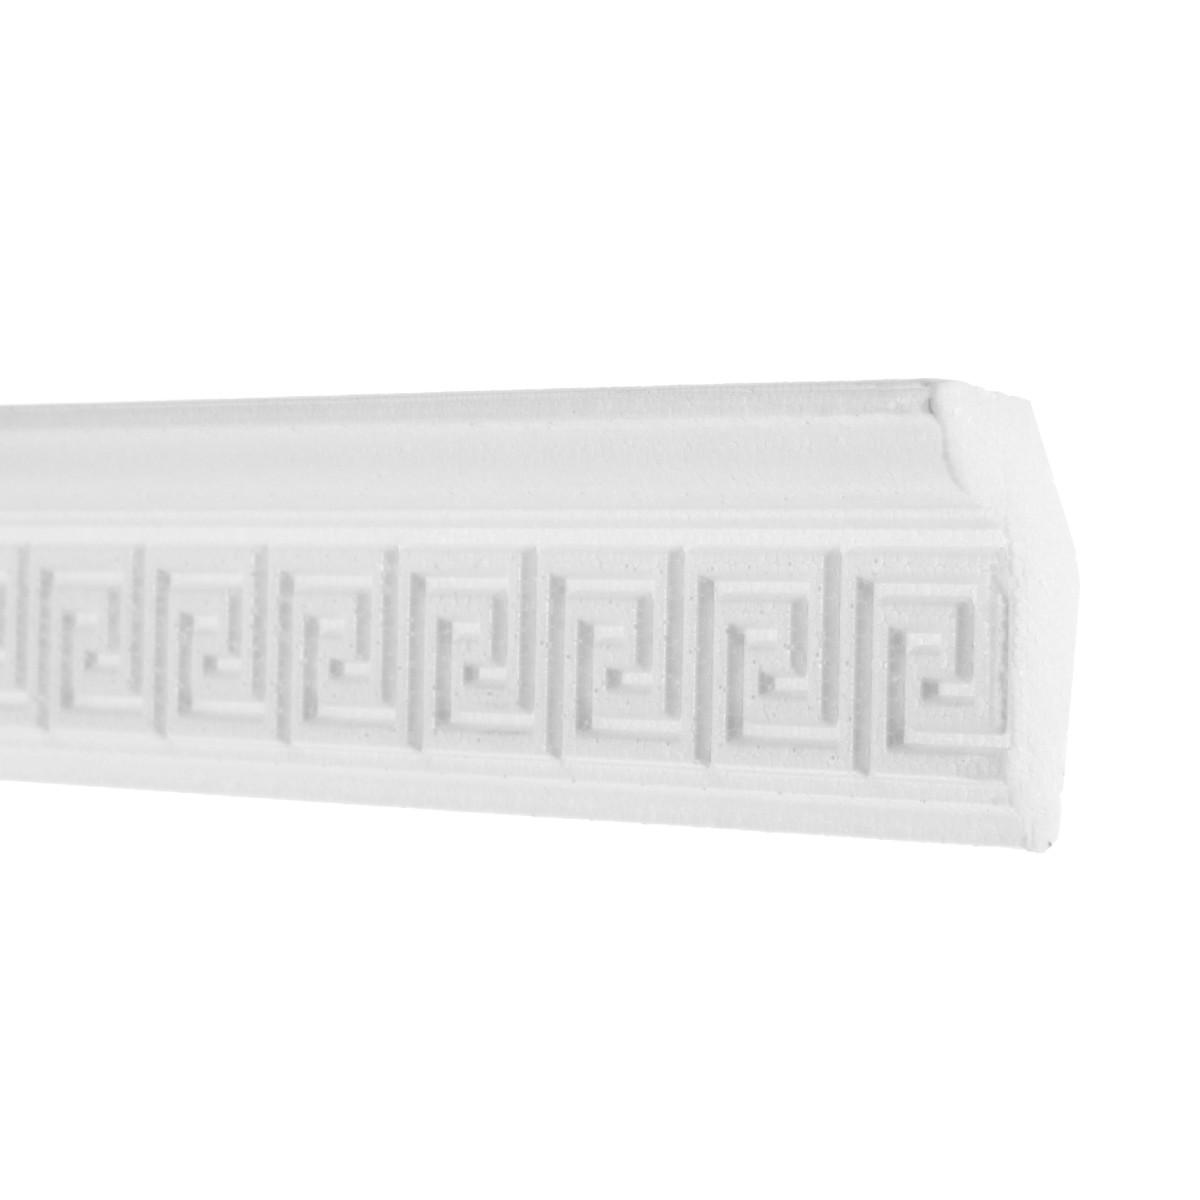 Плинтус для натяжных потолков полистирол белый Формат 206059 2.9х5.3х200 см